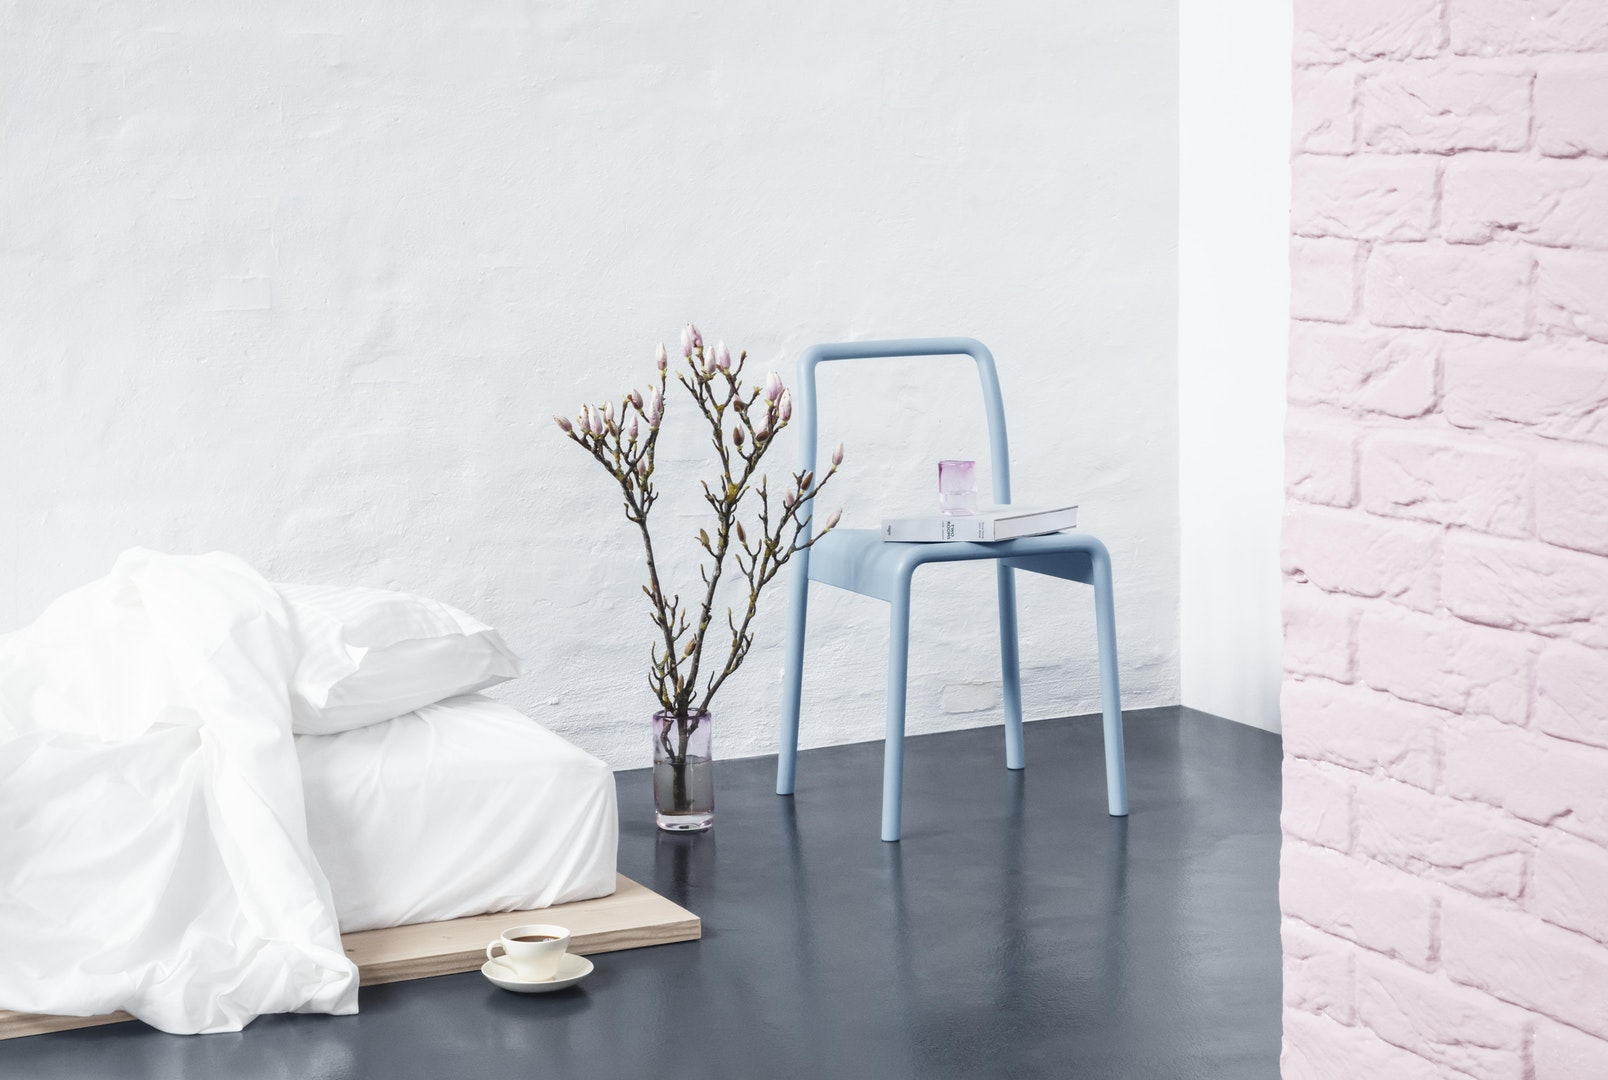 8b33c6ffaeef TAKT  Nyt dansk brand laver bæredygtige designermøbler til en pris ...